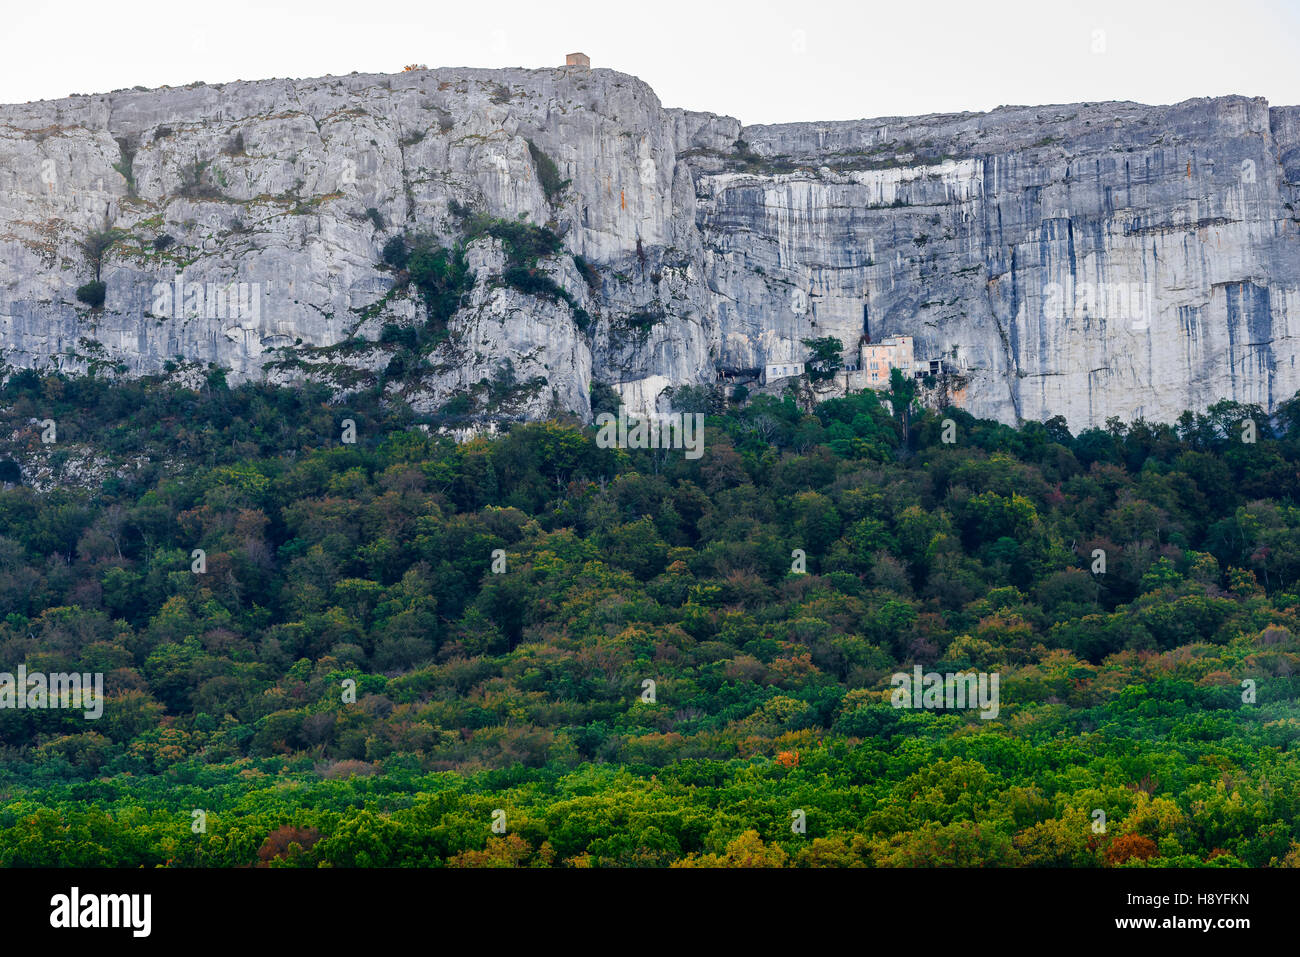 paysage et monastére de la st baume Massif de la Sainte Baume, var france 83 - Stock Image